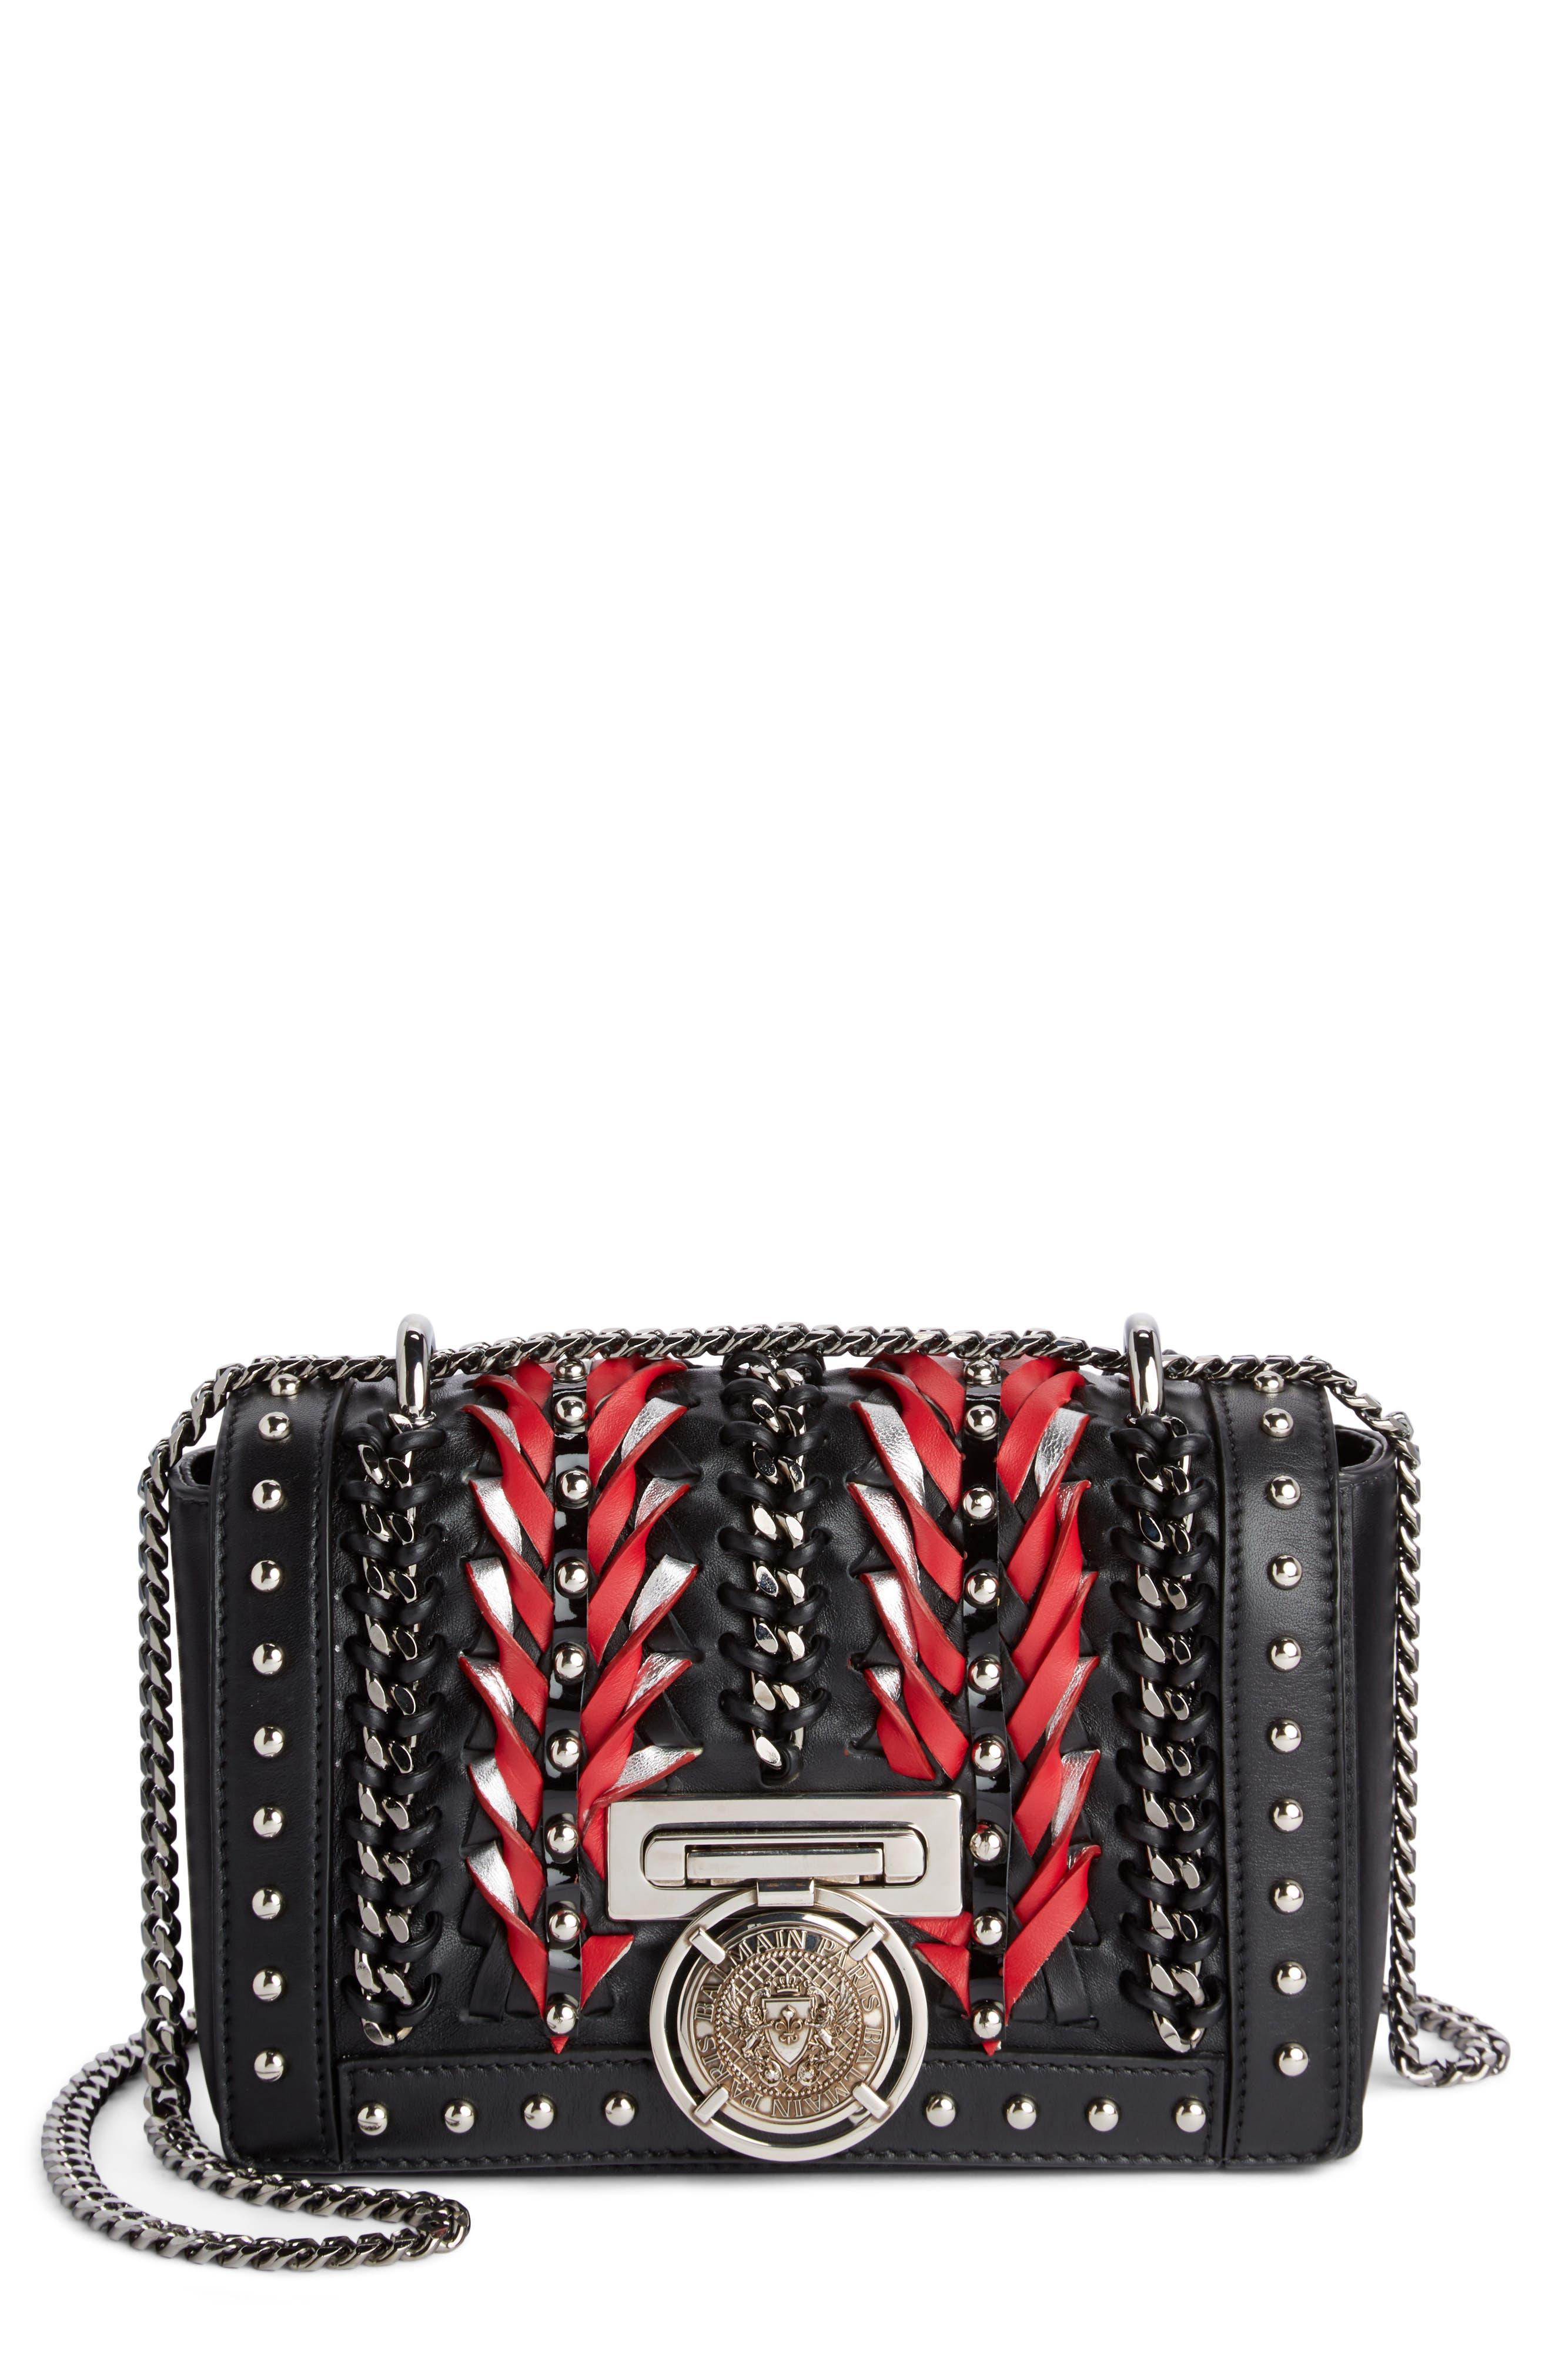 Baby Box Woven Leather Shoulder Bag,                             Main thumbnail 1, color,                             Noir/ Rouge/ Blanc